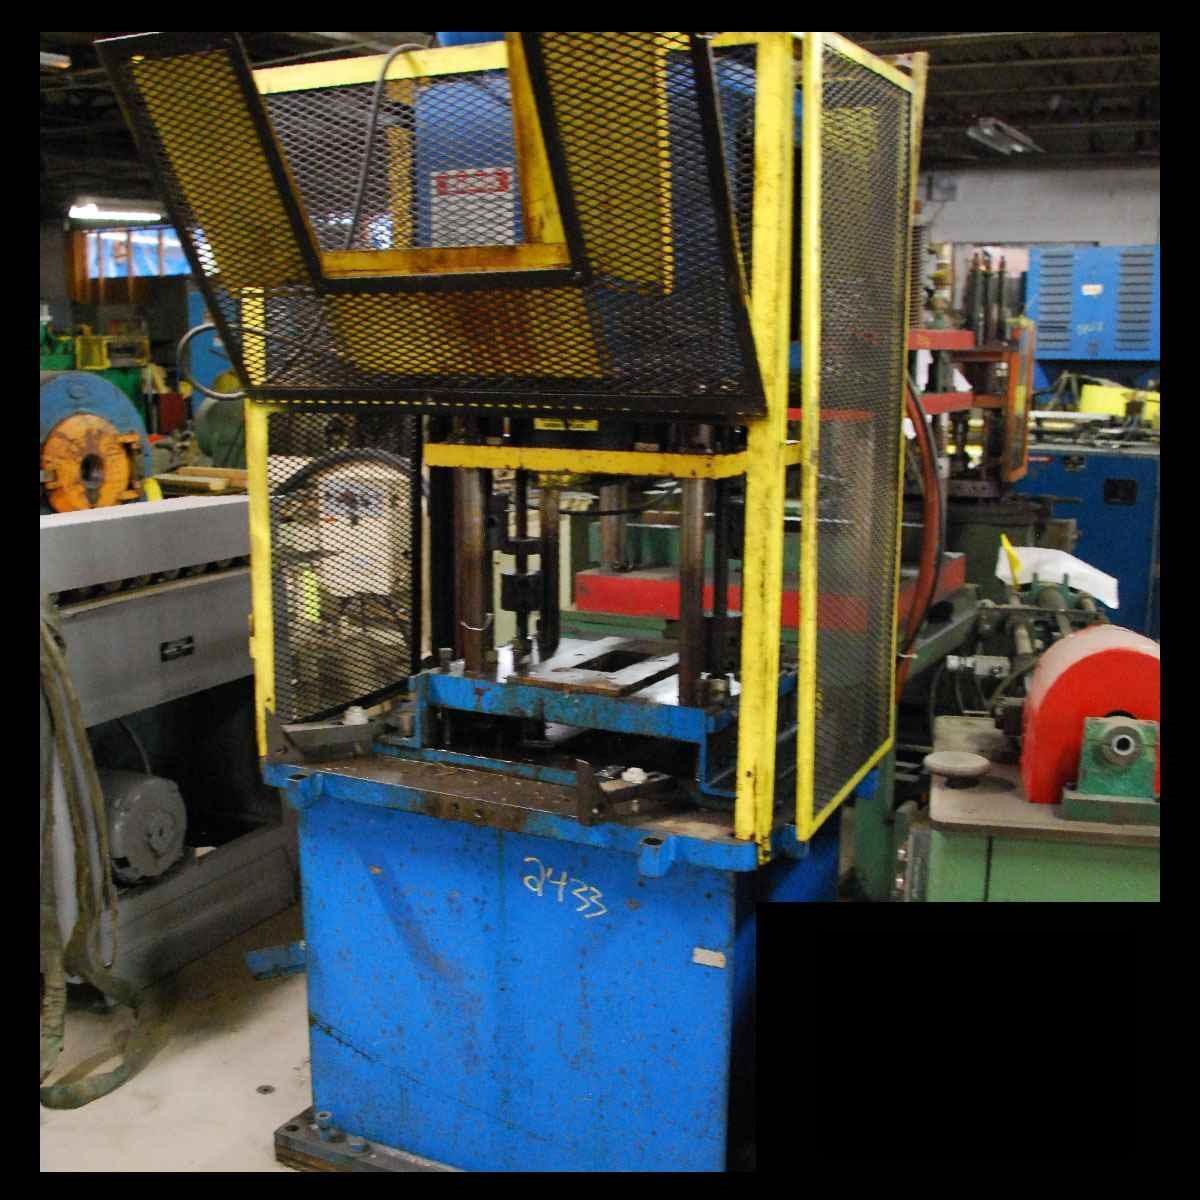 12 Ton PNEU POWR #4P-12, 4-Post Cut-Off Press